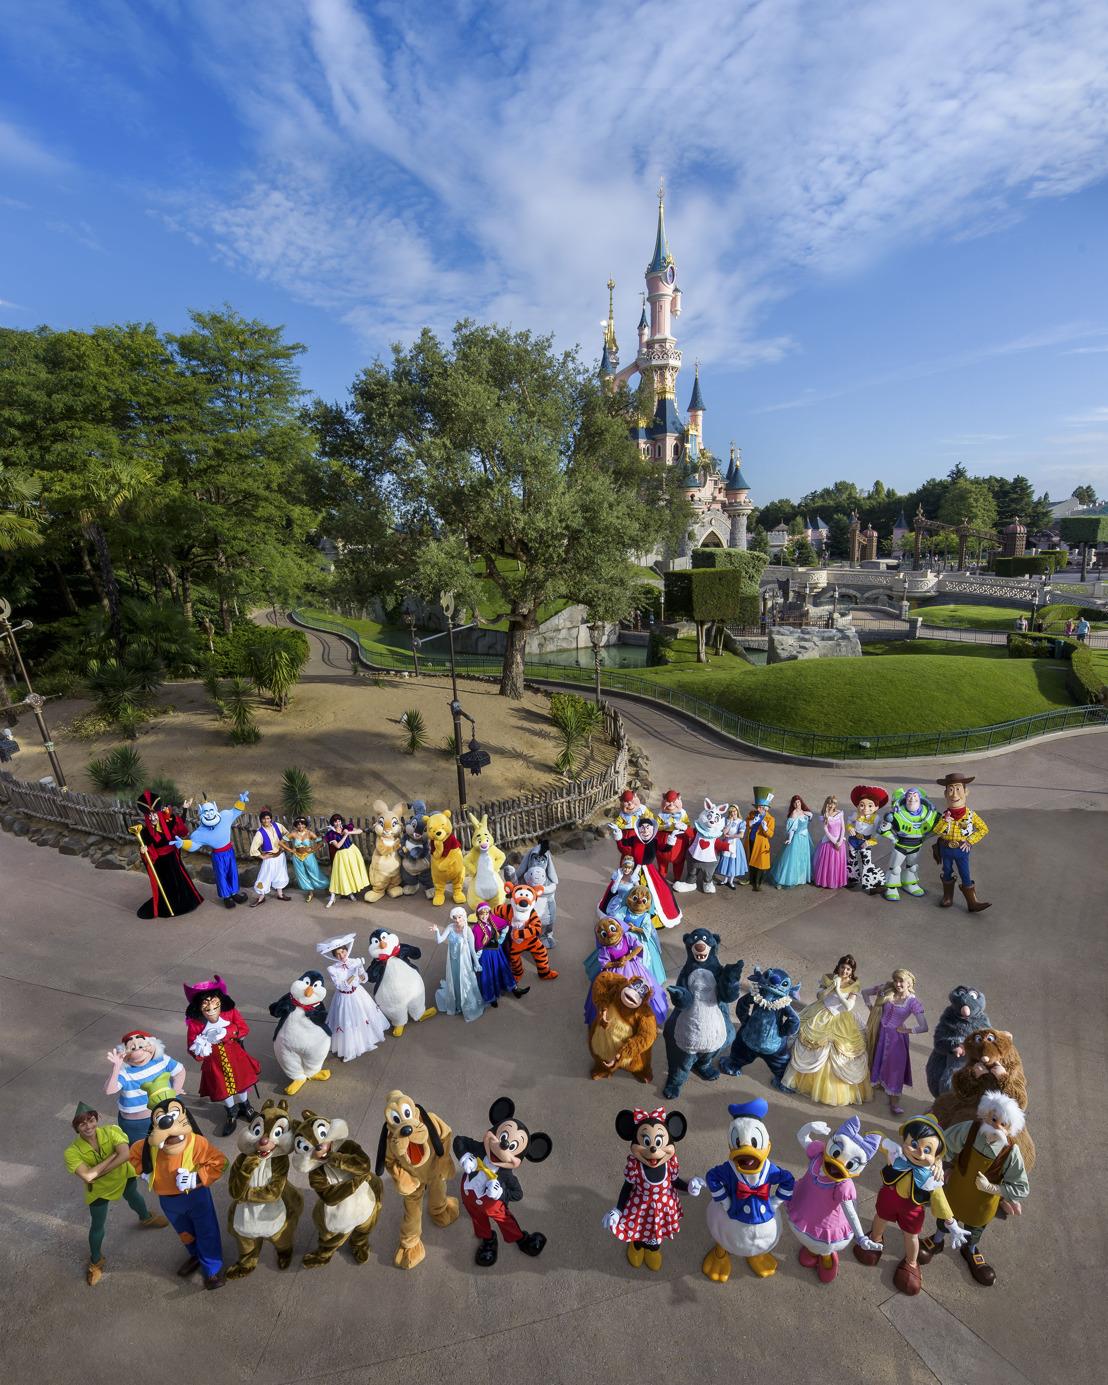 J-100 avant le 25e anniversaire de Disneyland Paris